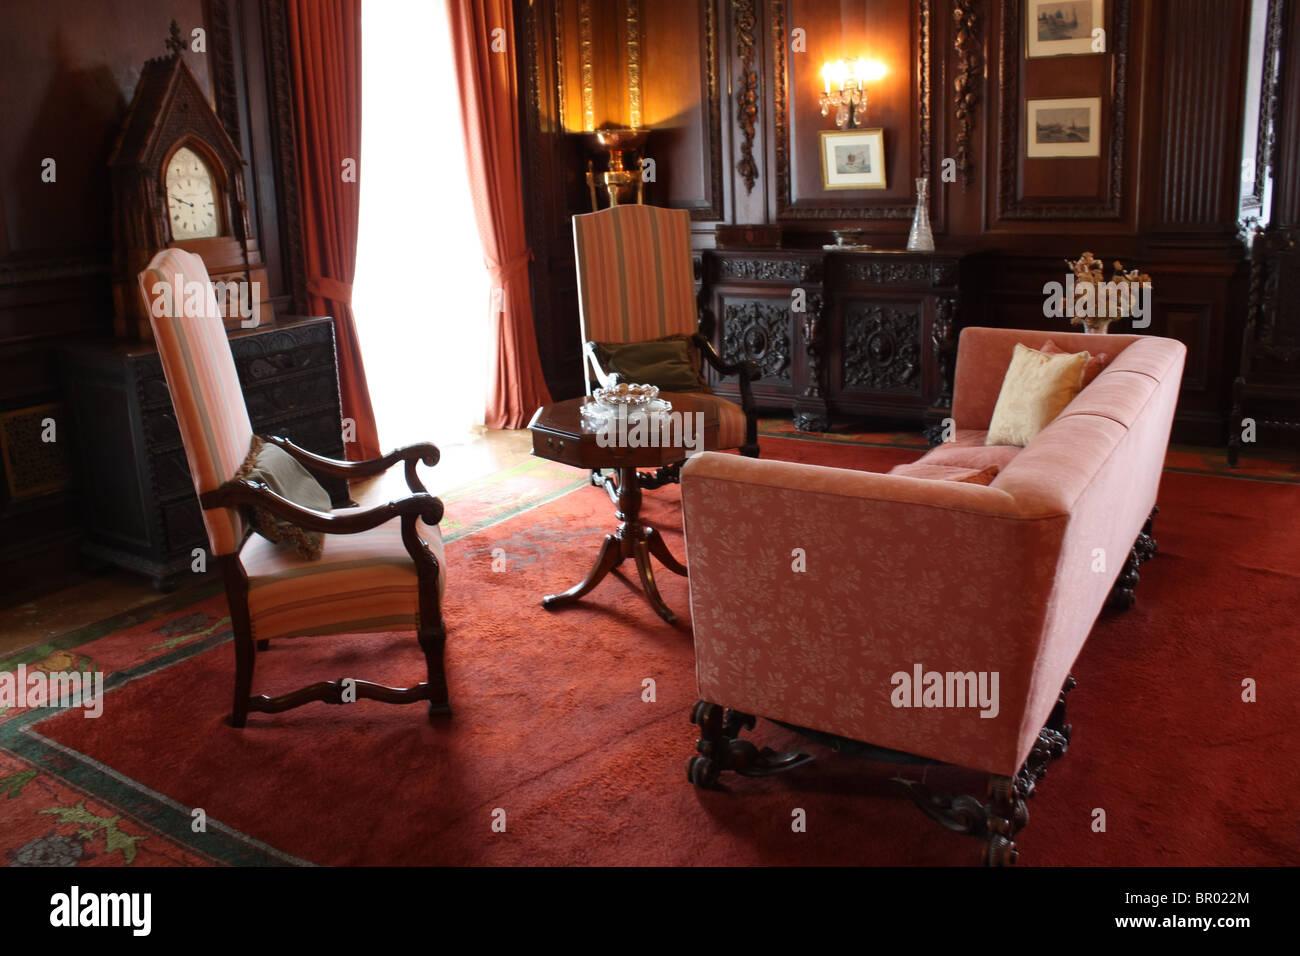 Excepcional Muebles De Cheltenham Bandera - Muebles Para Ideas de ...